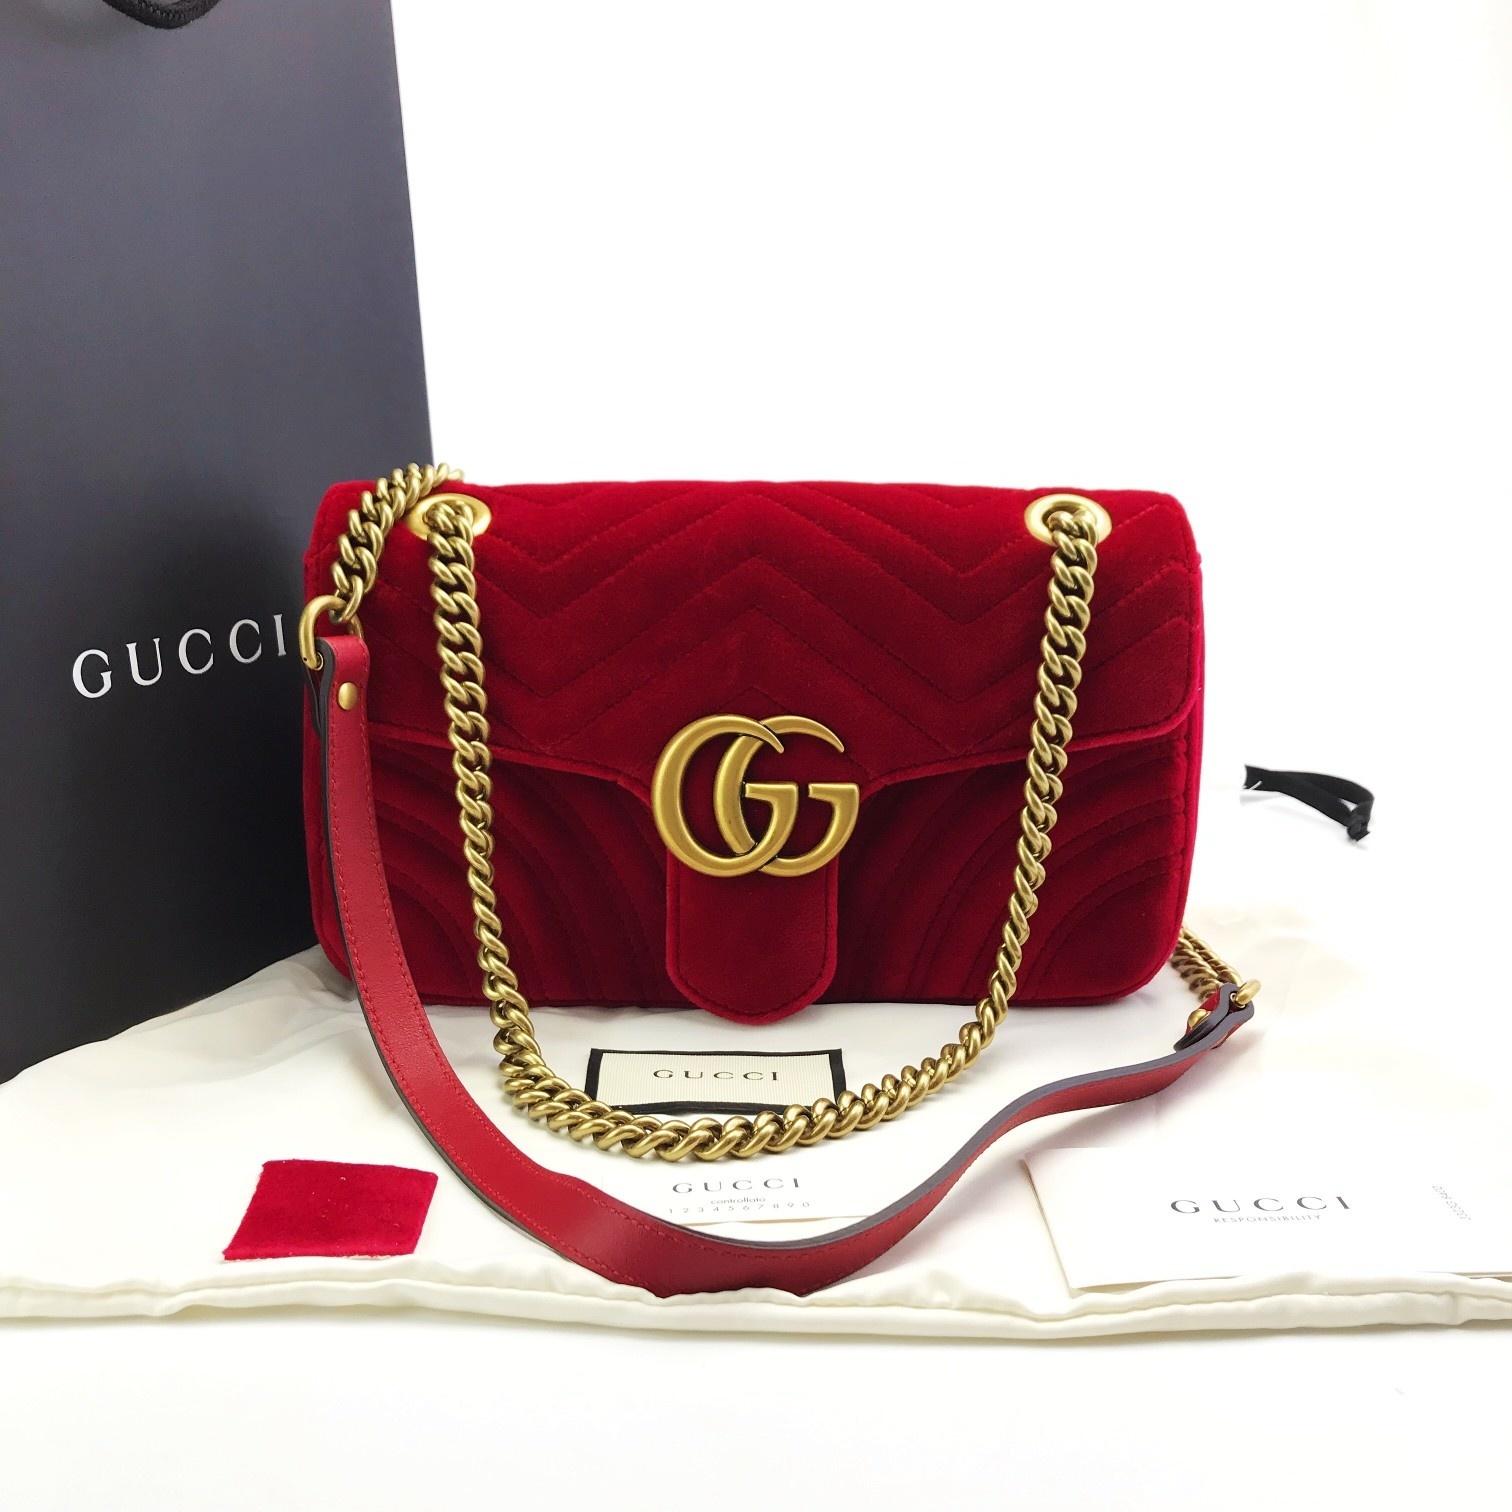 全新全套GUCCI新到超大热GG Marmont 26 复古GG标识。丝绒面,背面可爱心型,复古金链条 中国红/暗光蓝